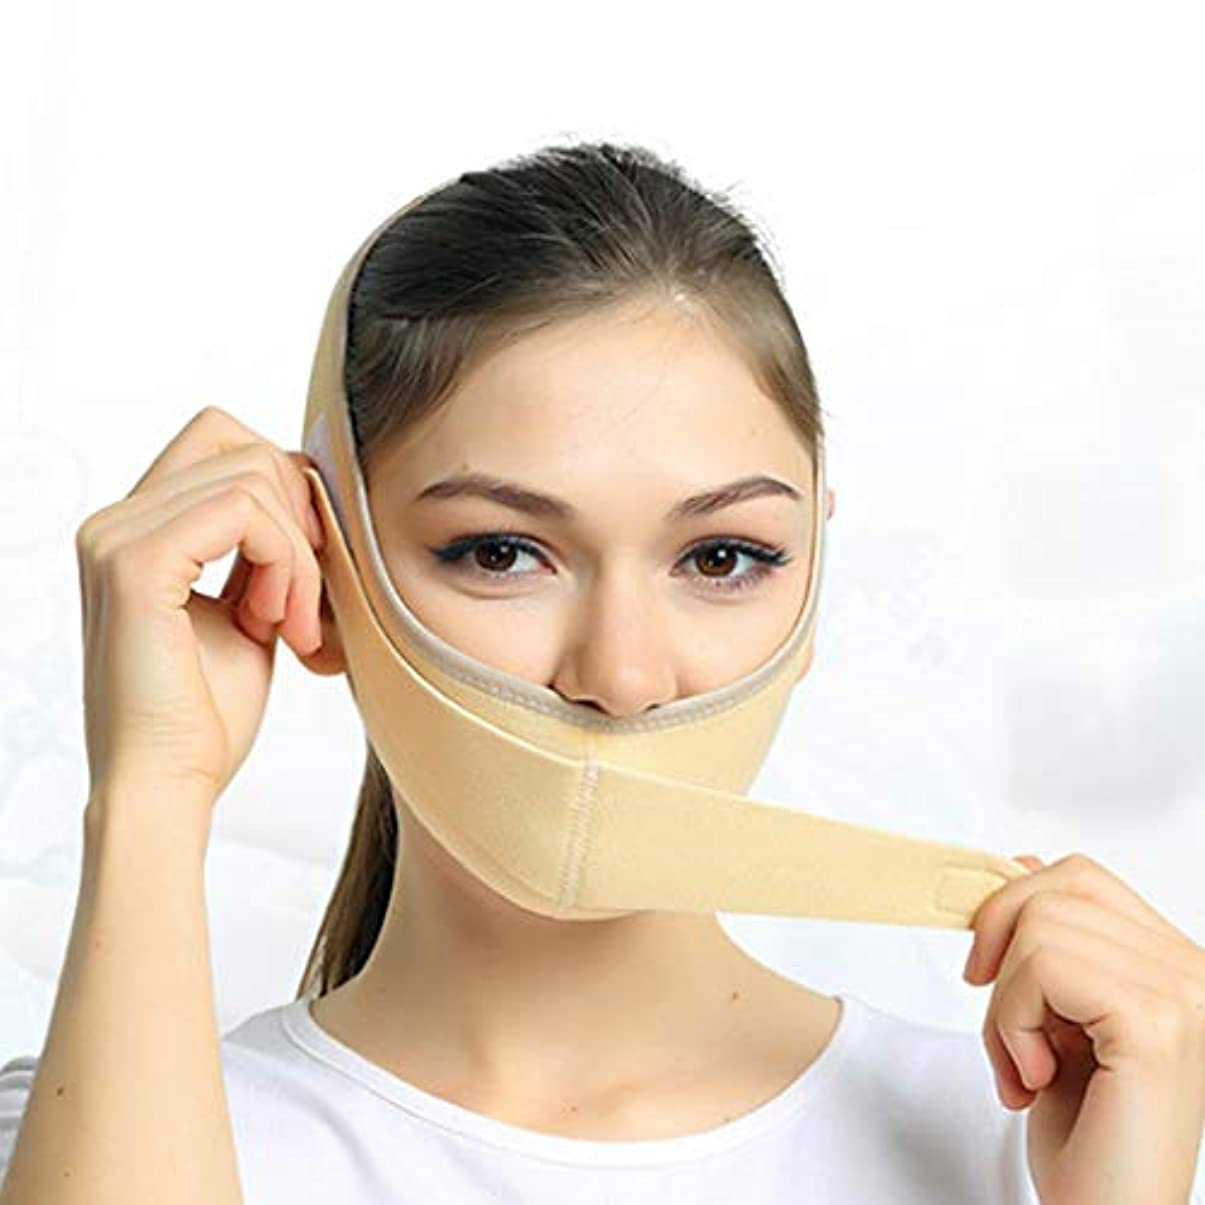 ストライクタクシー彫刻家顔の減量術後の回復包帯小さな v 顔睡眠マスク露出あごの医療顔